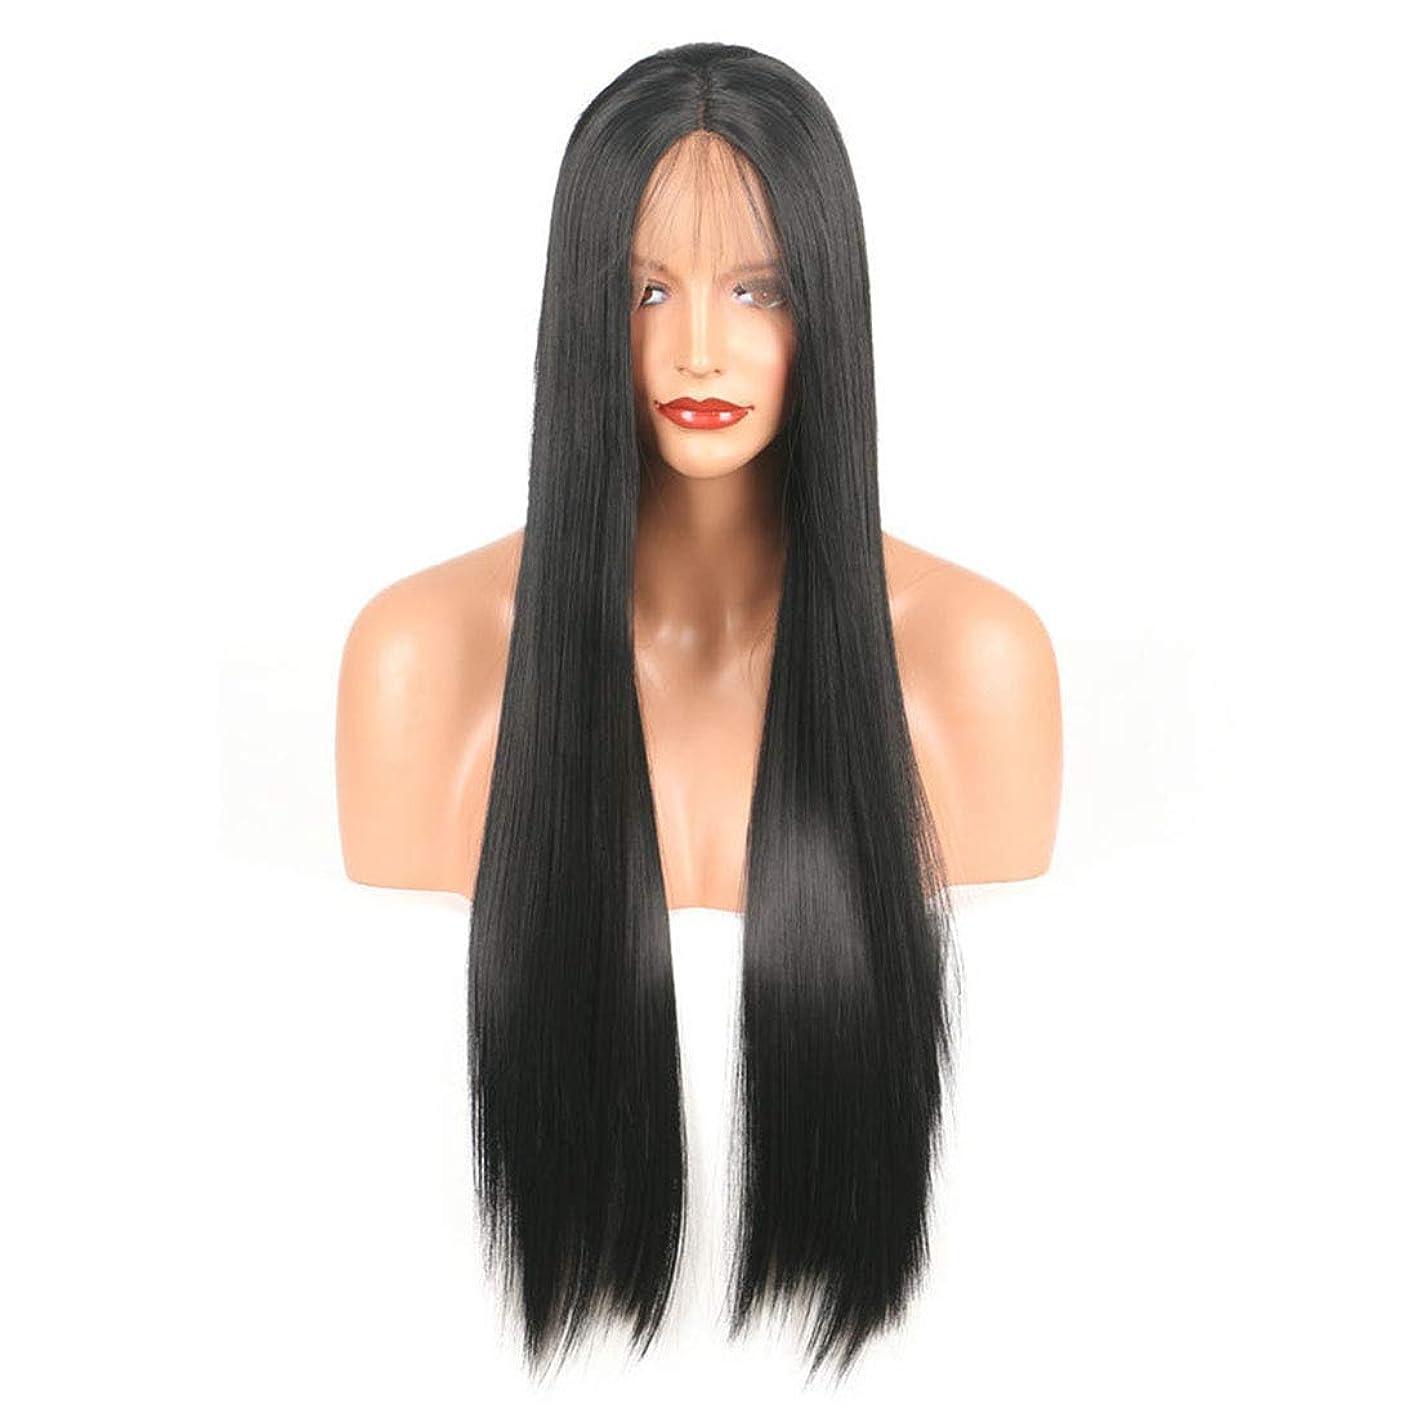 破壊シャーロットブロンテ嫌いBOBIDYEE ヨーロッパの美容スタイル化学繊維フロントレースかつら合成髪レースかつらロールプレイングかつら (色 : Photo Color, サイズ : 18 inches)